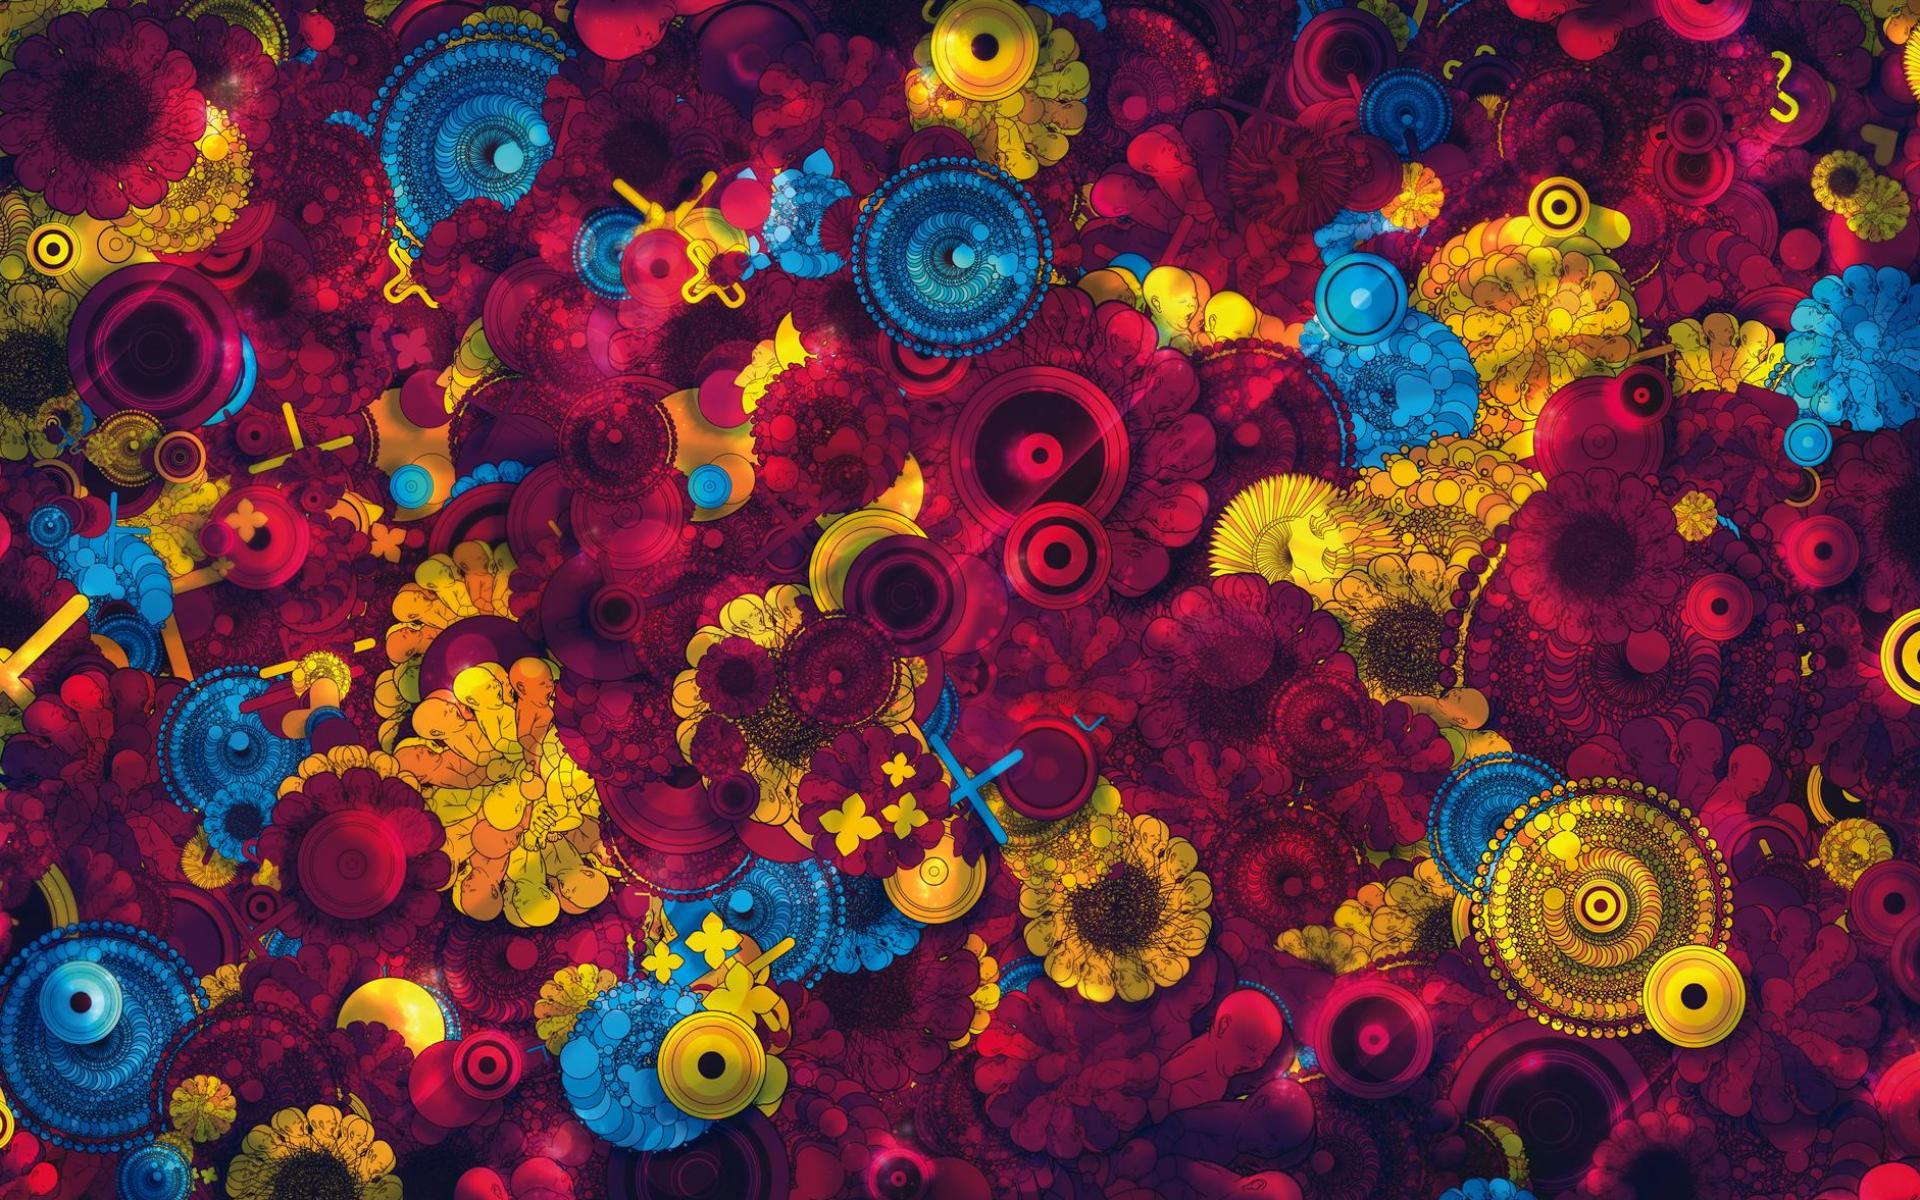 абстрактные картинки на рабочий стол